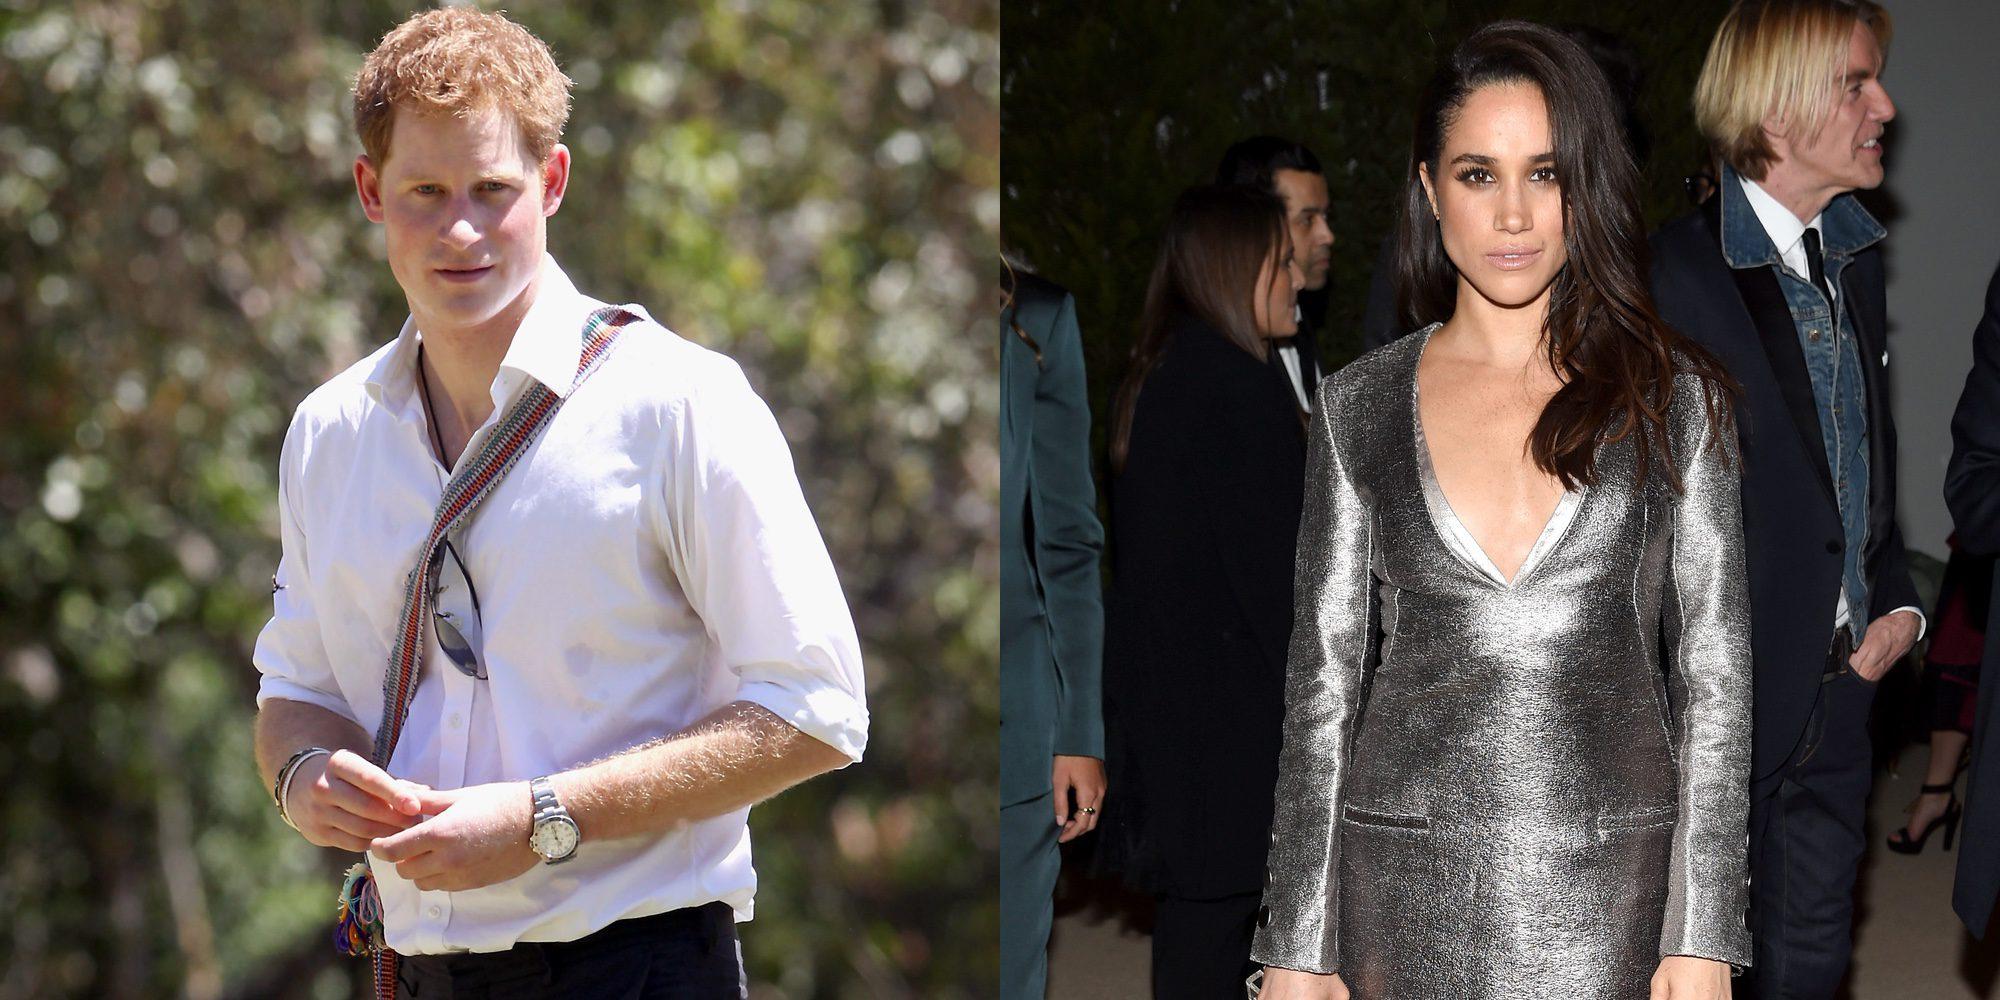 El Príncipe Harry y Meghan Markle, pillados cogidos de la mano tras una cena romántica en Londres